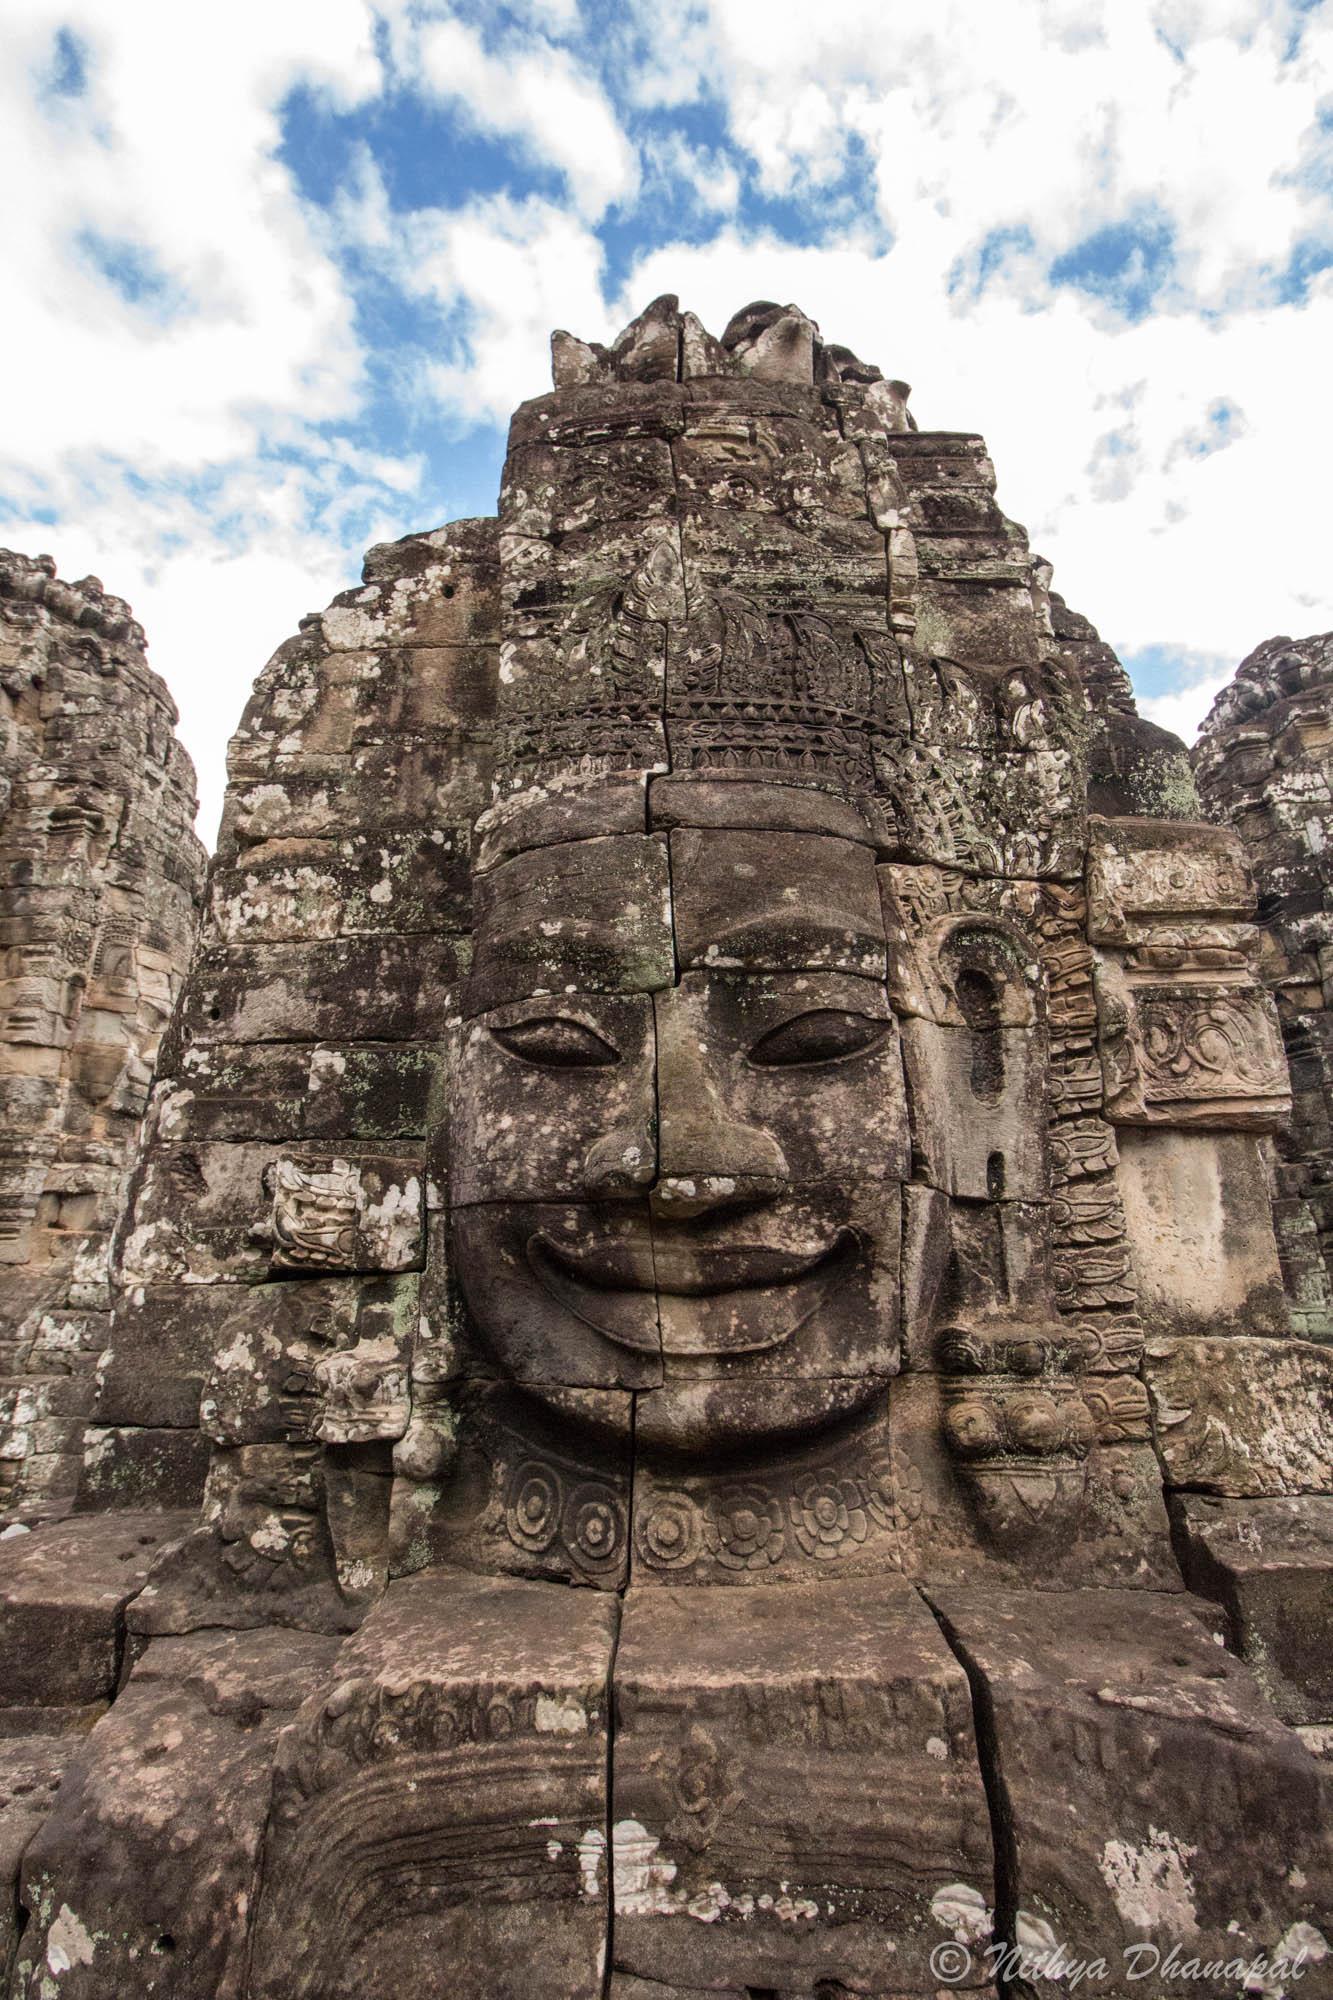 At Banteay Srei